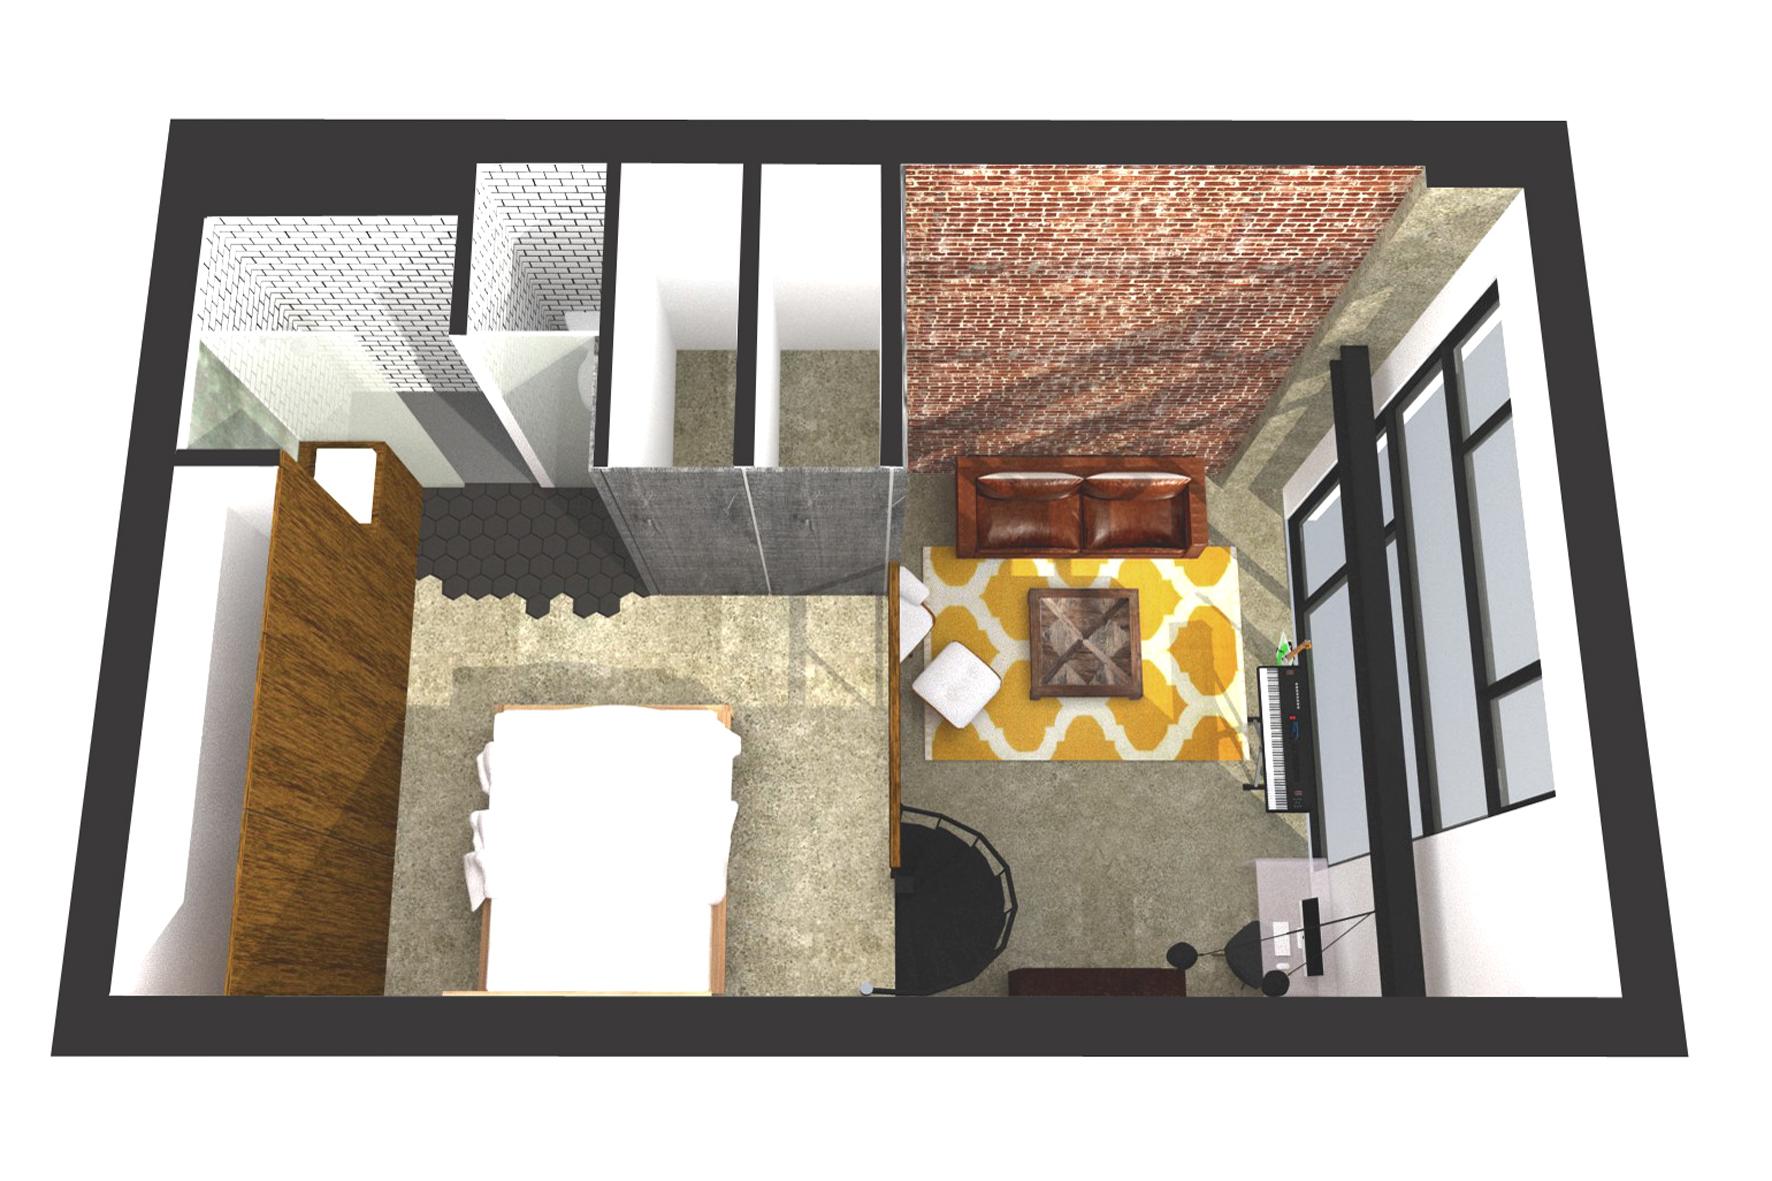 Reforma loft arquitectura interiorismo studiobmk (3)